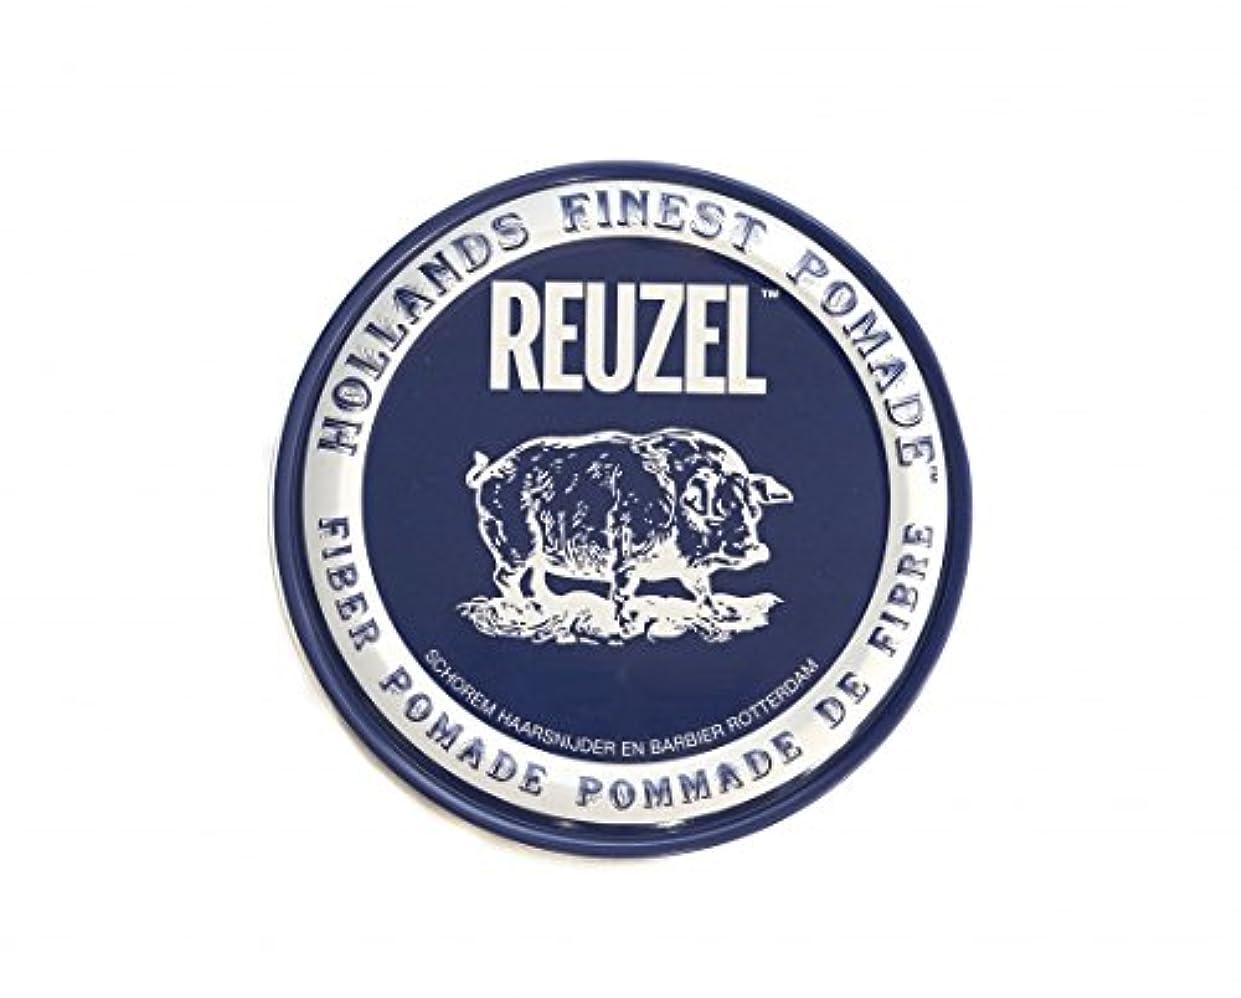 子孫スーツクラブルーゾー REUZEL ファイバーポマード ネイビー 113g